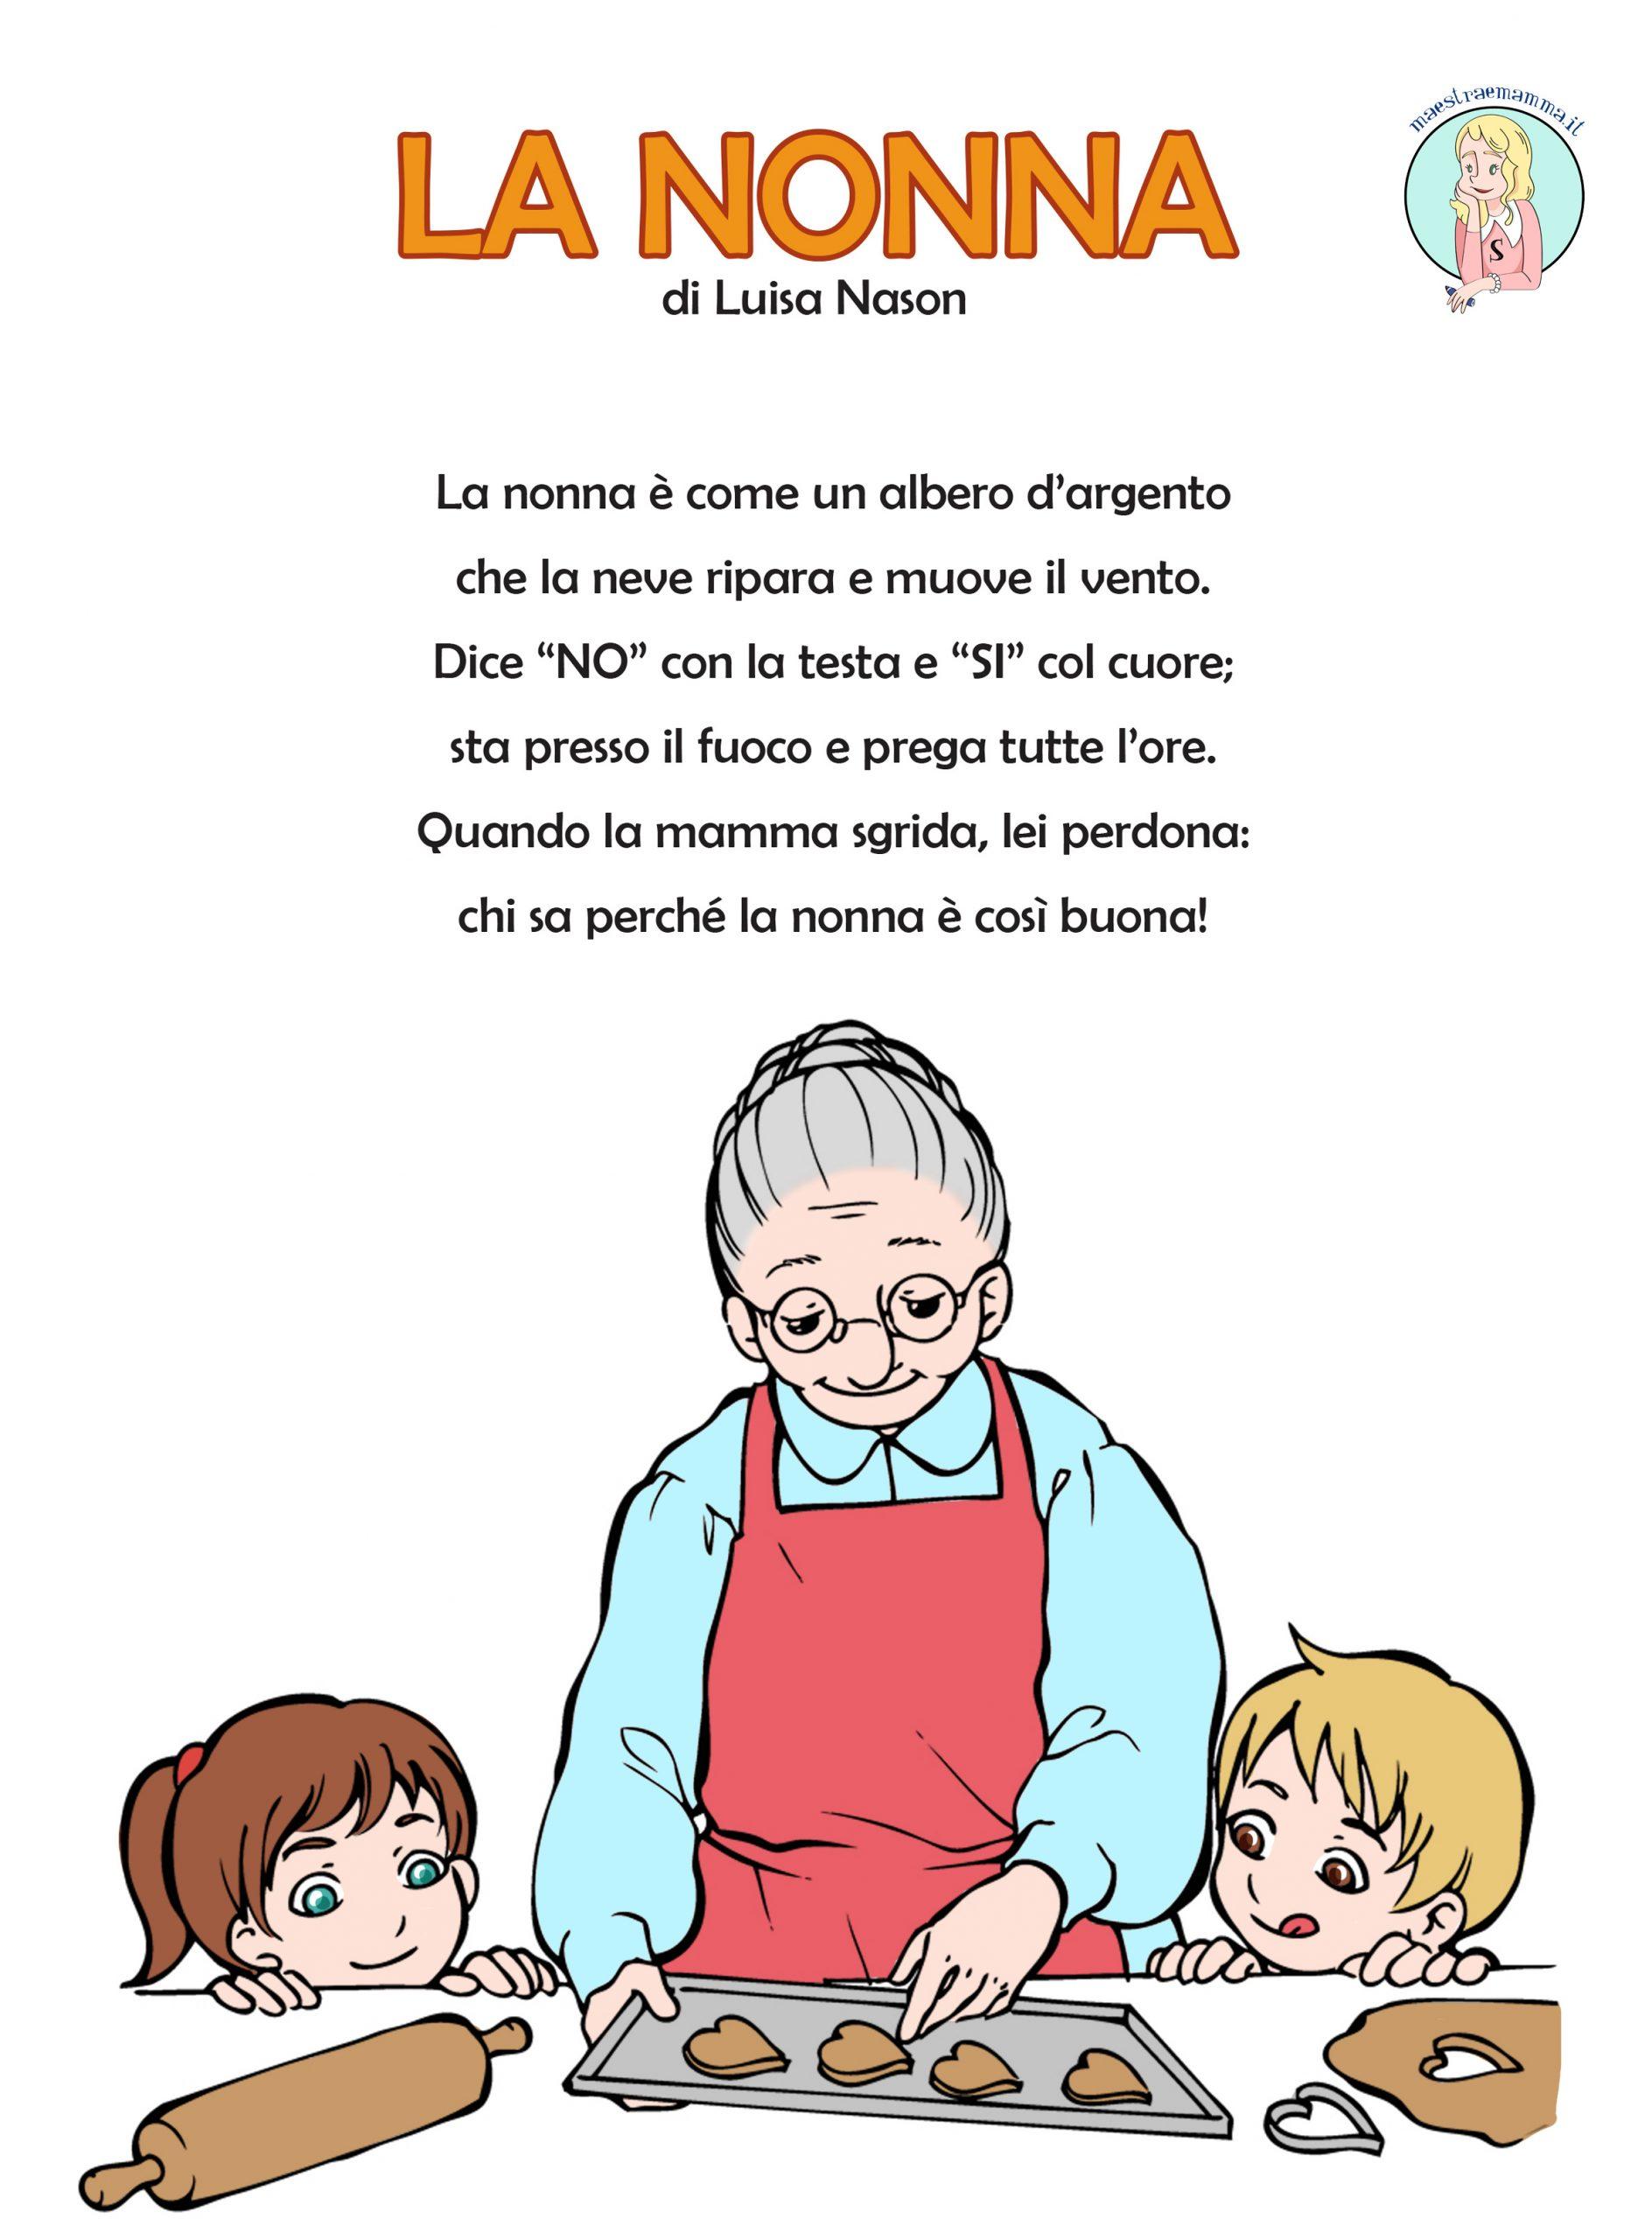 La nonna – poesia per il 2 ottobre